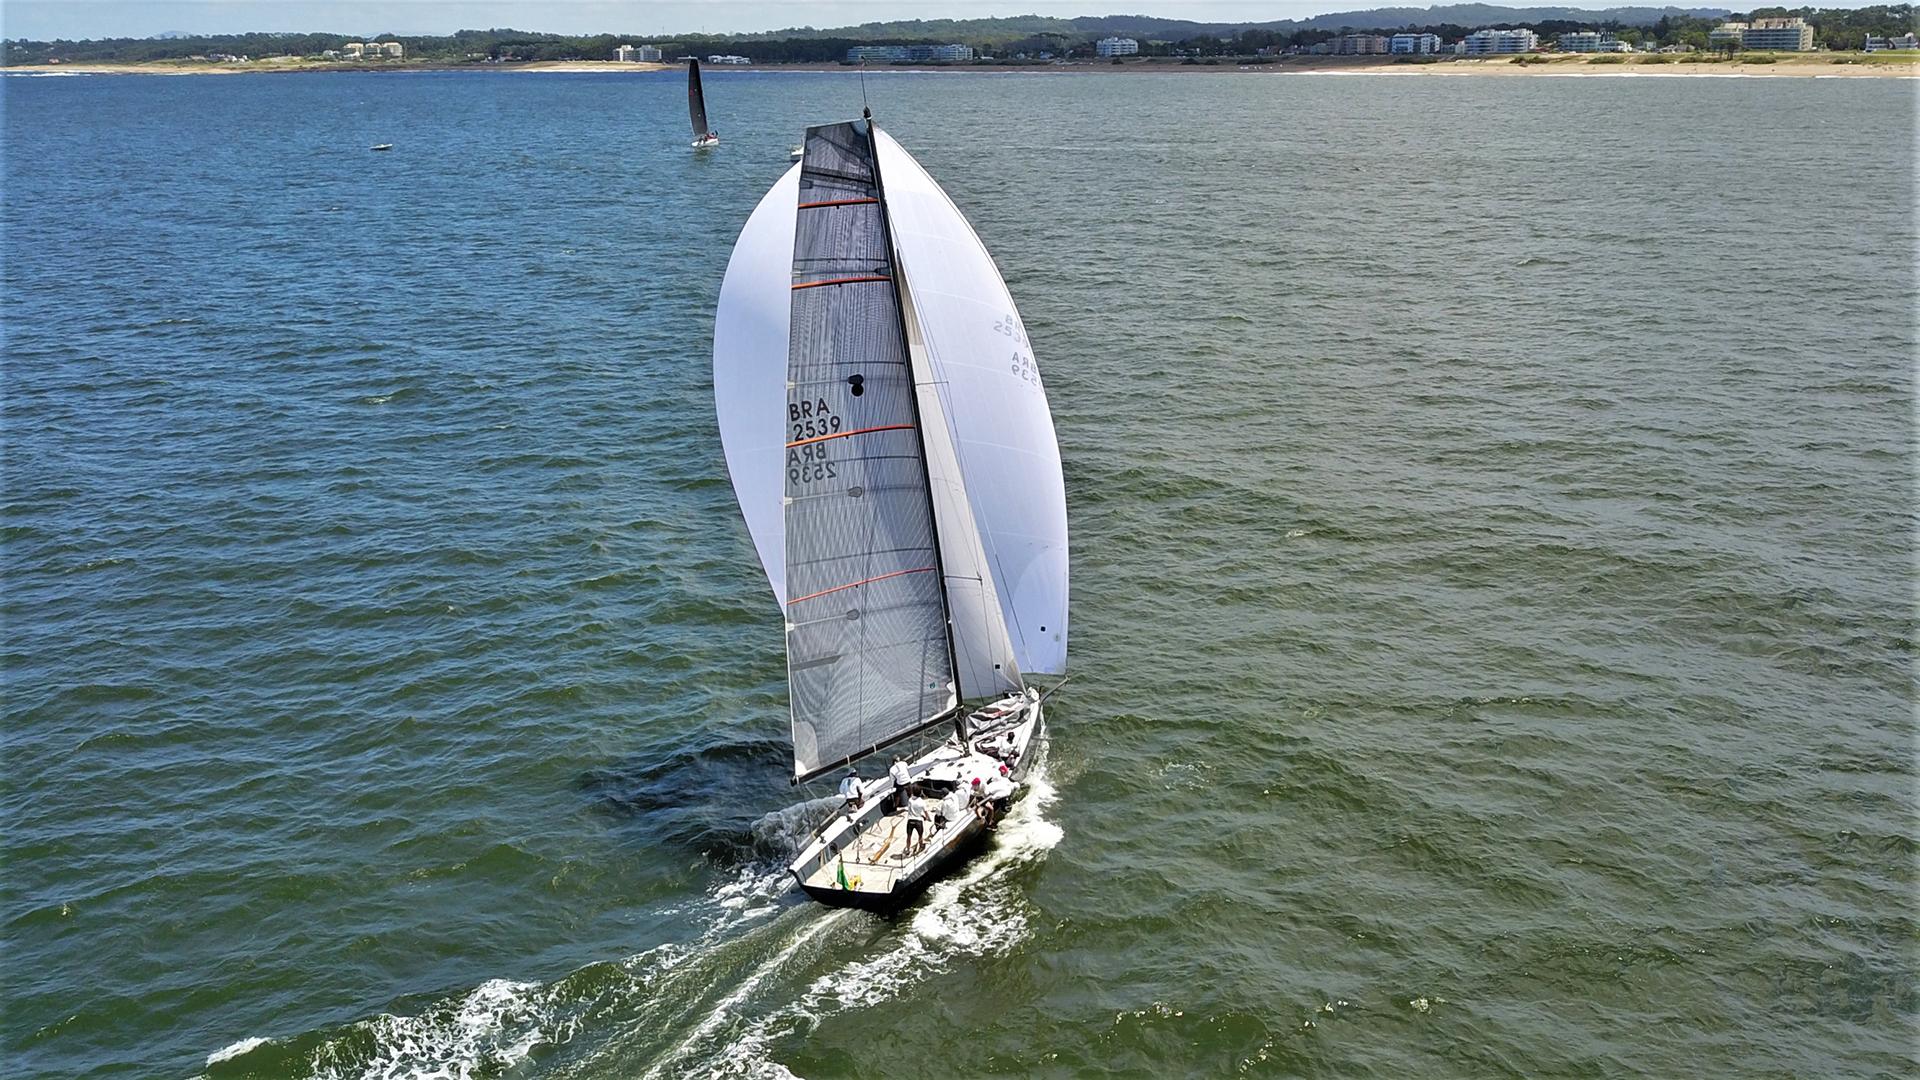 Se tratóde una regata de aproximadamente 35 horas en donde el Río de la Platatenía preparadavarias sorpresa para los competidores